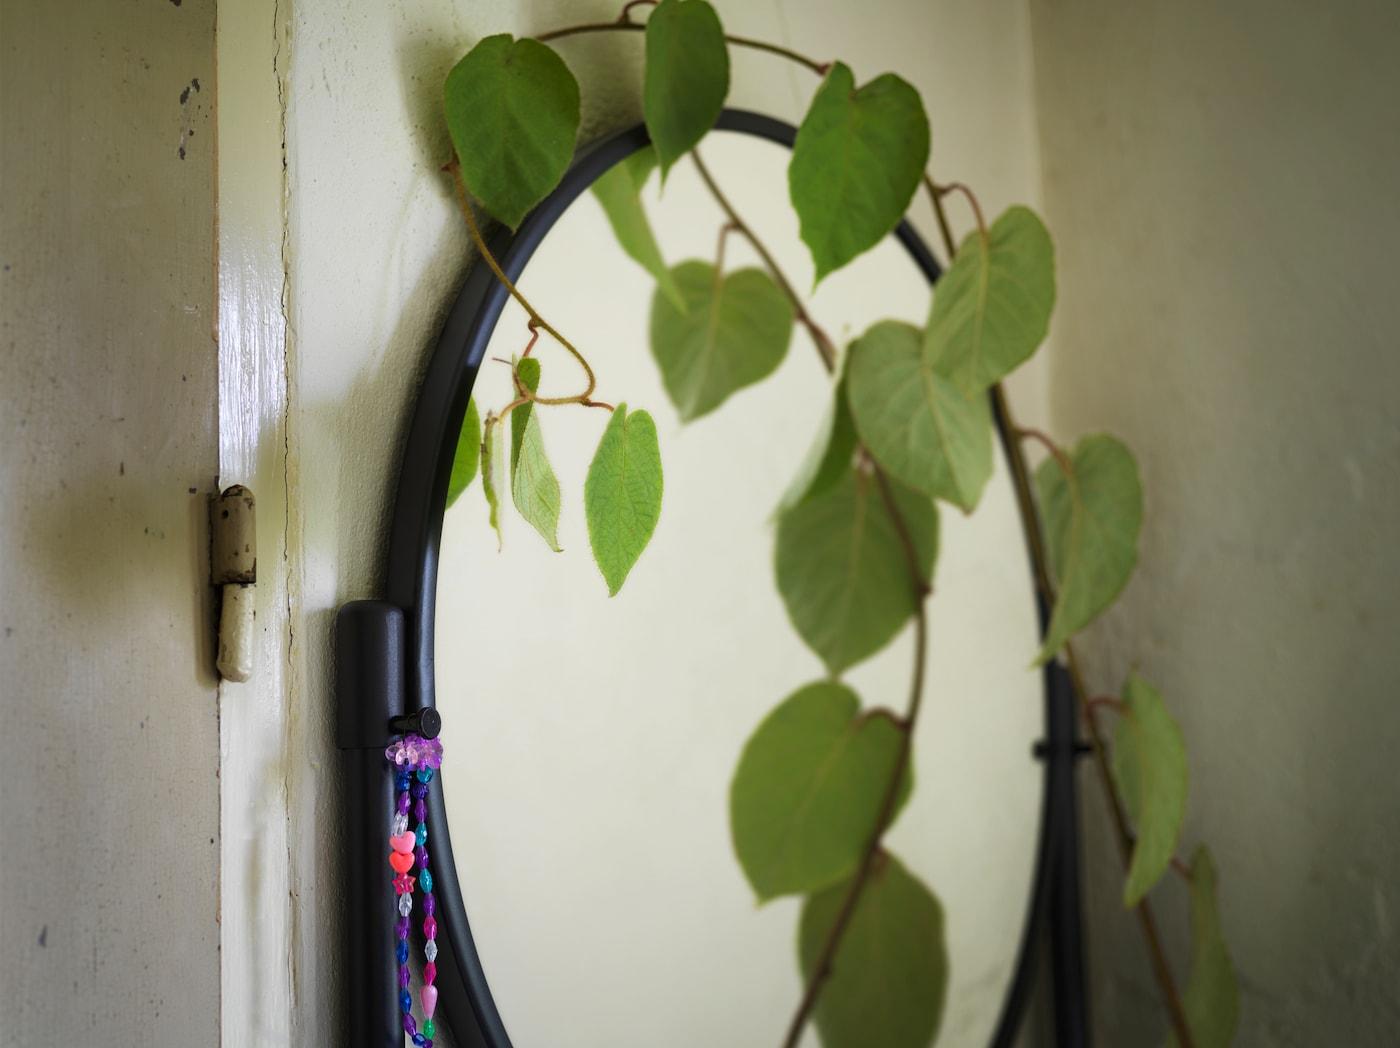 صورة مقربة لمرآة مستديرةلخزانةKORNSJÖ سوداءونبات متسلق على جانبها.